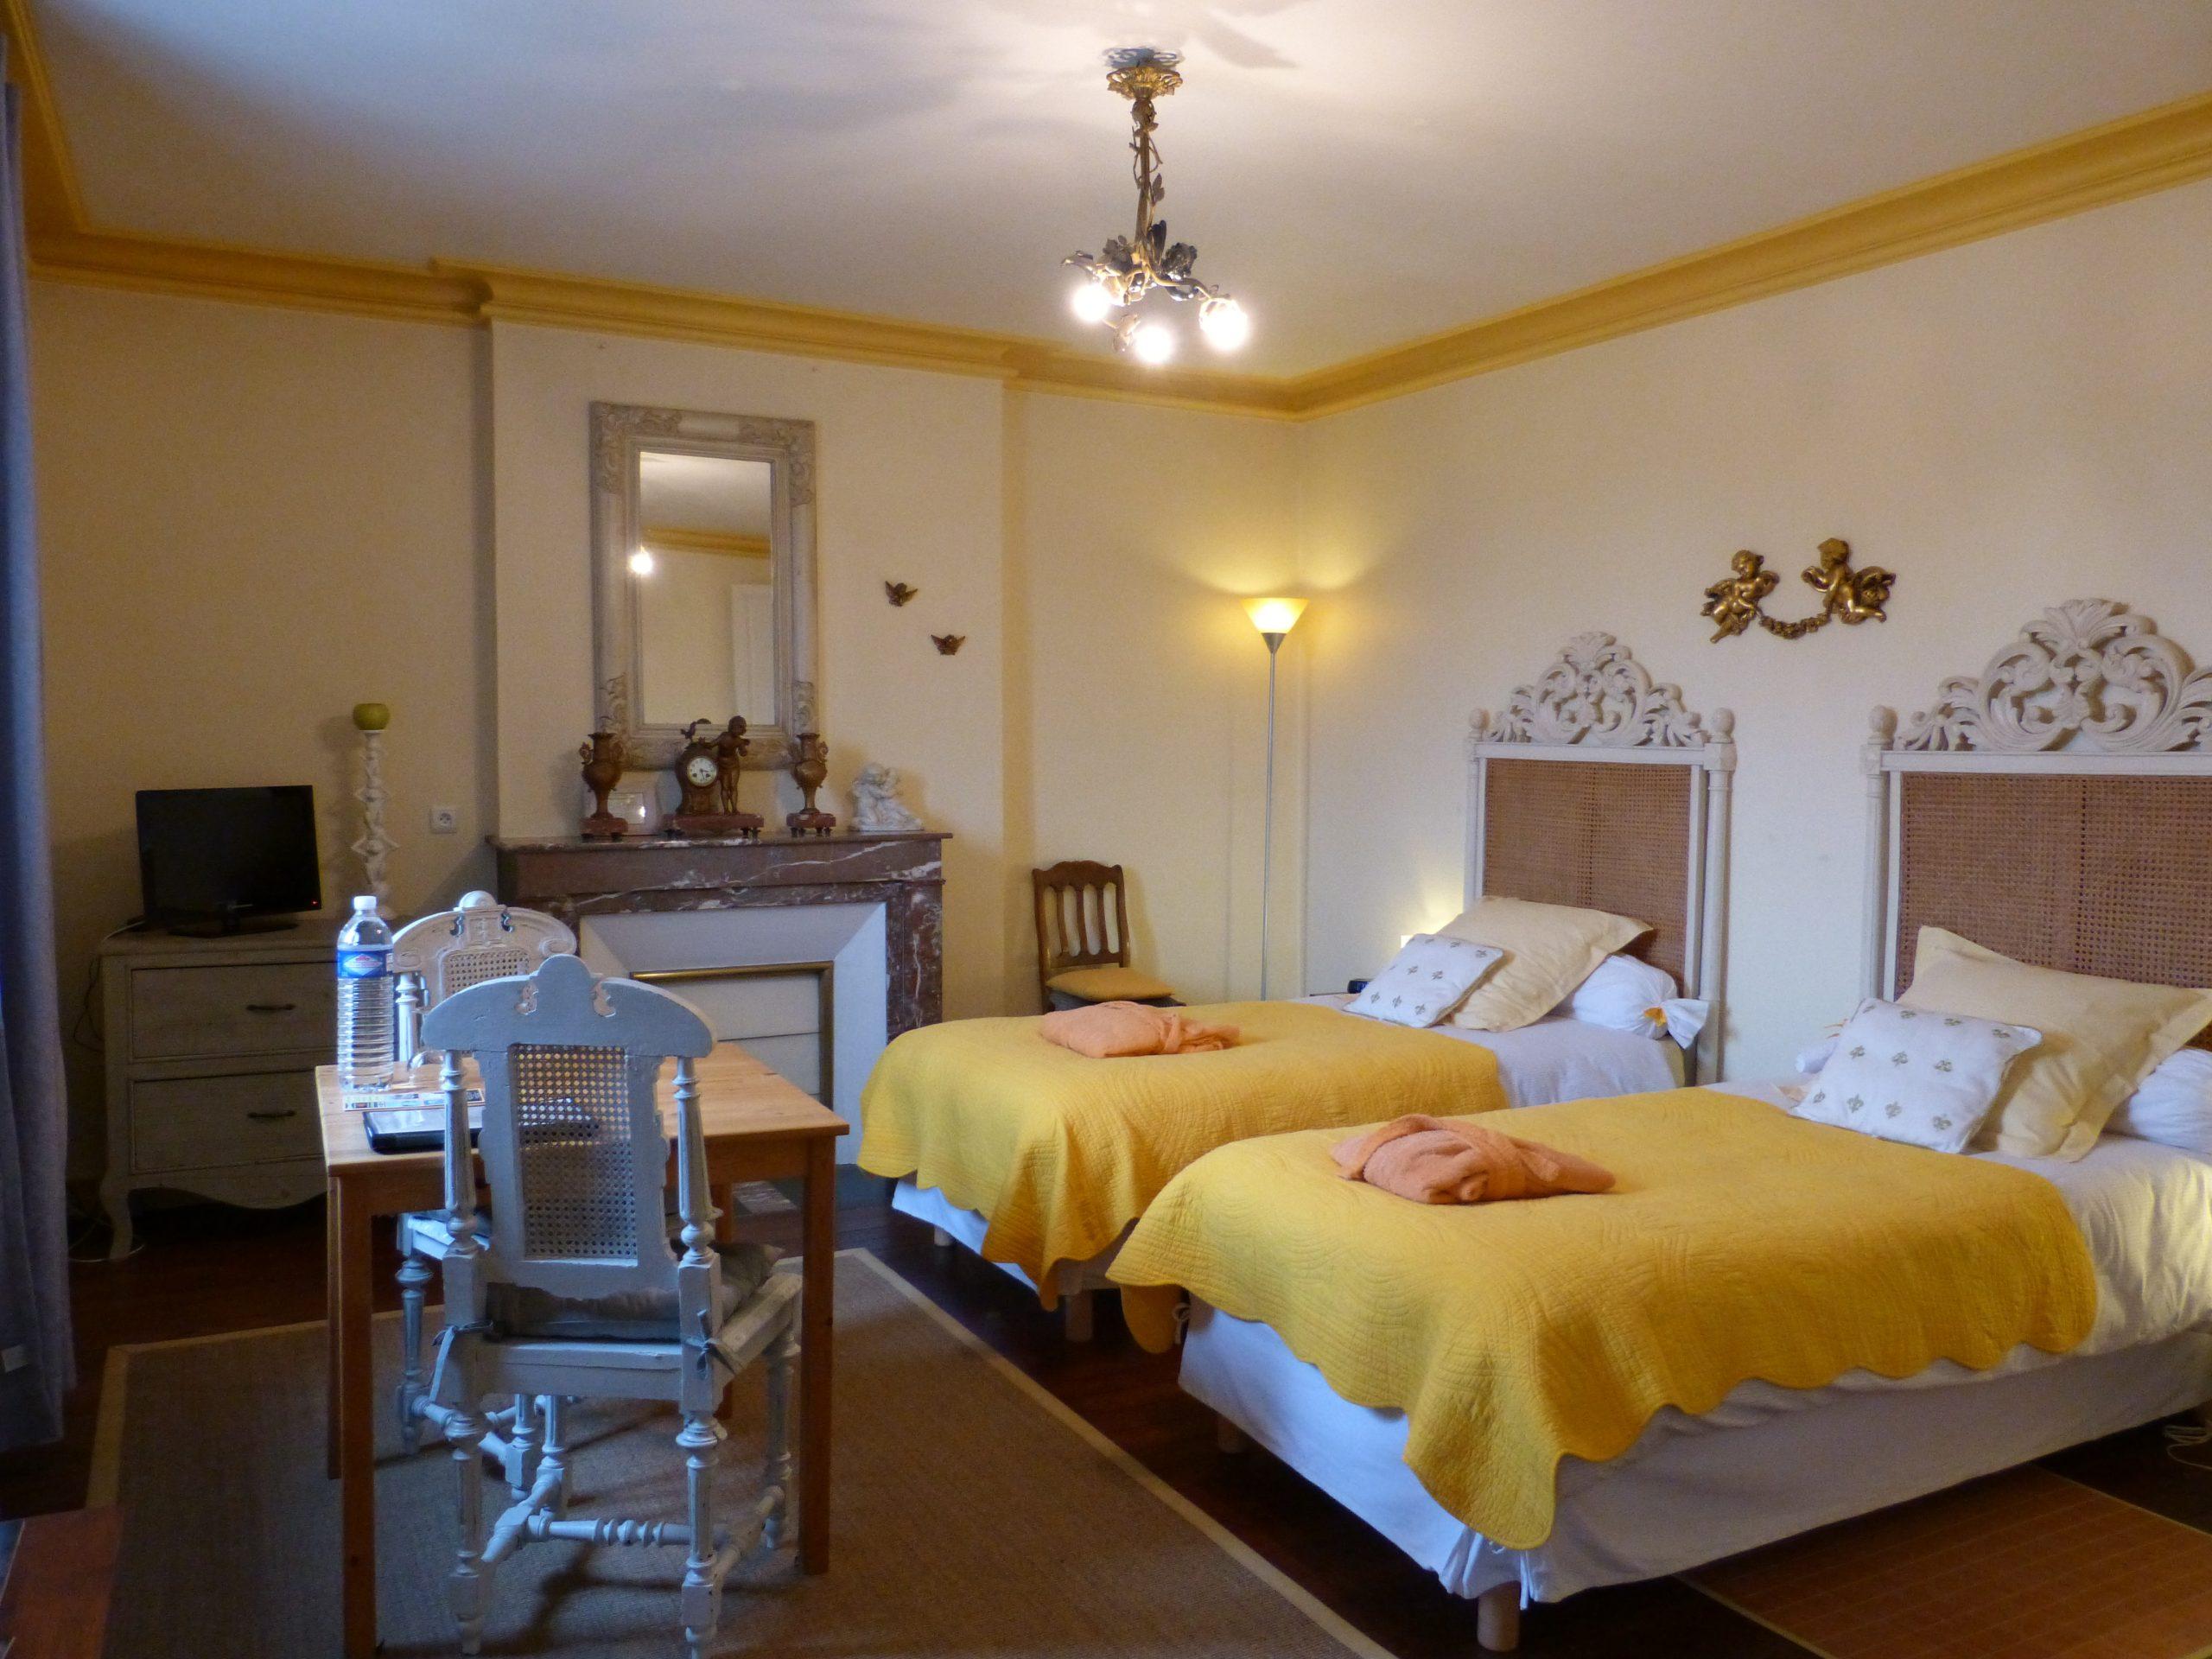 Chambres D'hotes Dordogne Avec Piscine Privee Hotel Particulier Du 19Eme  Siecle Proche De Bergerac intérieur Horaire Piscine Bergerac